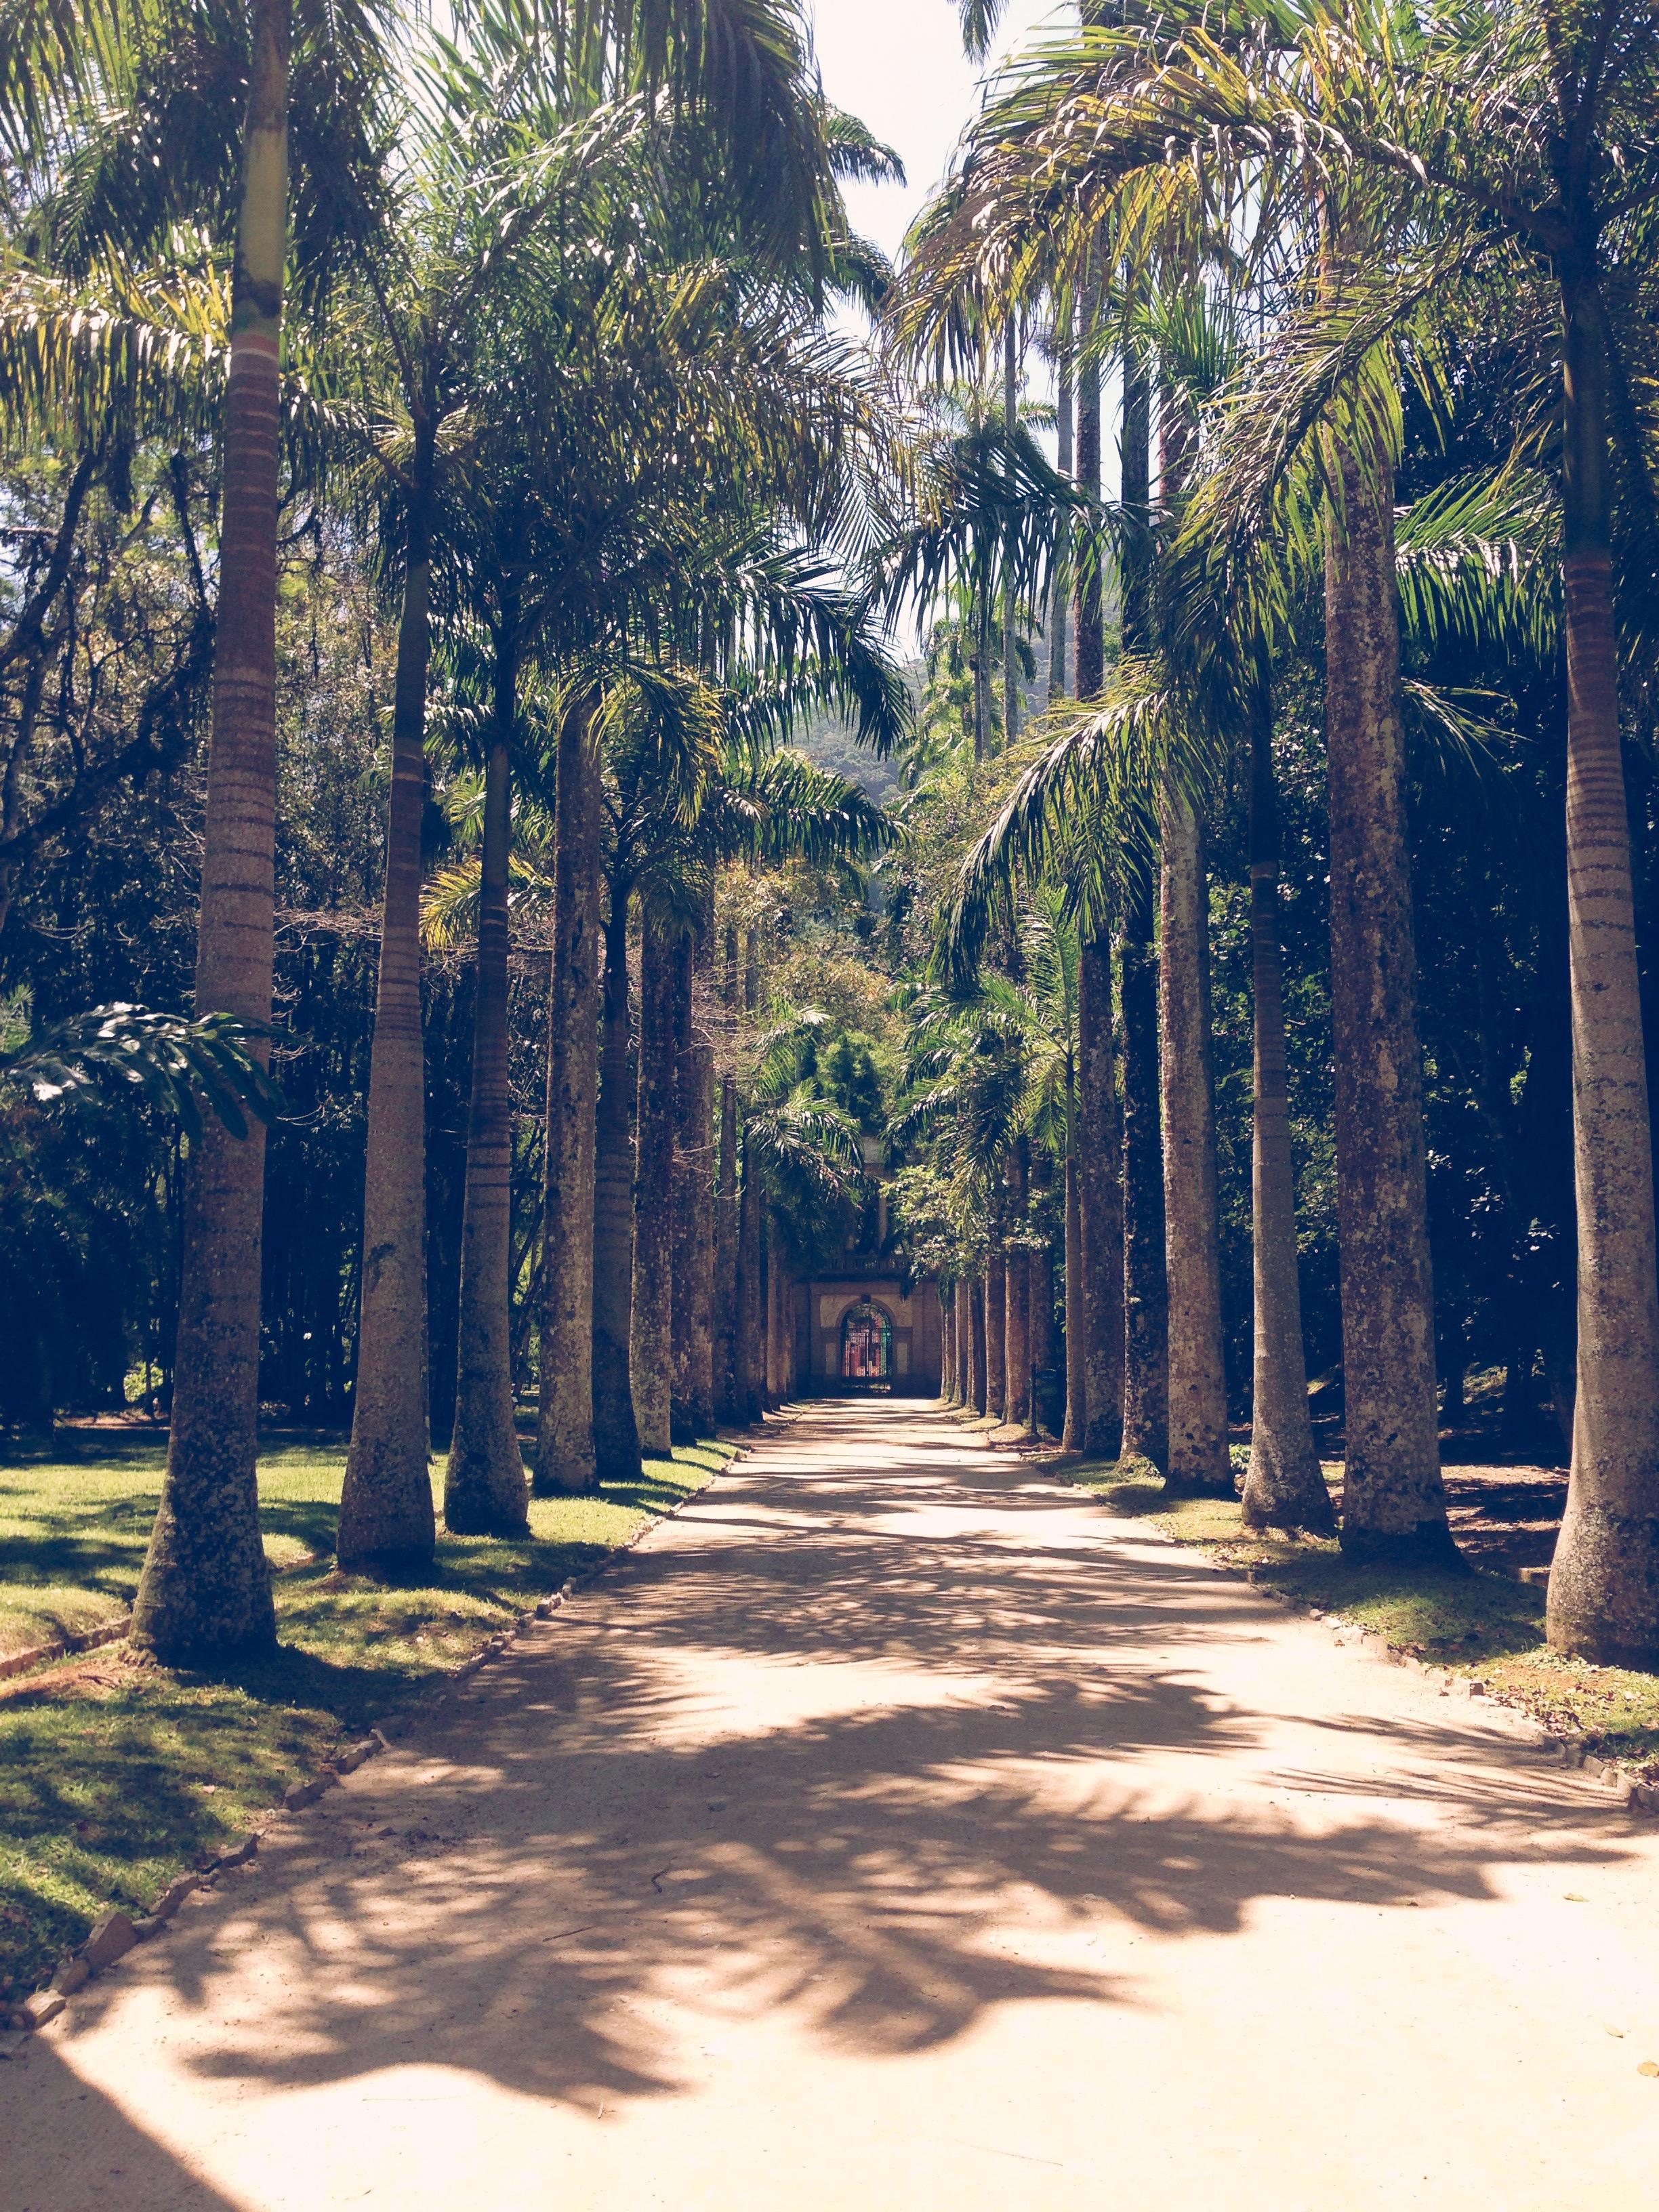 Jardim Botanico Rio de Janeiro.jpg